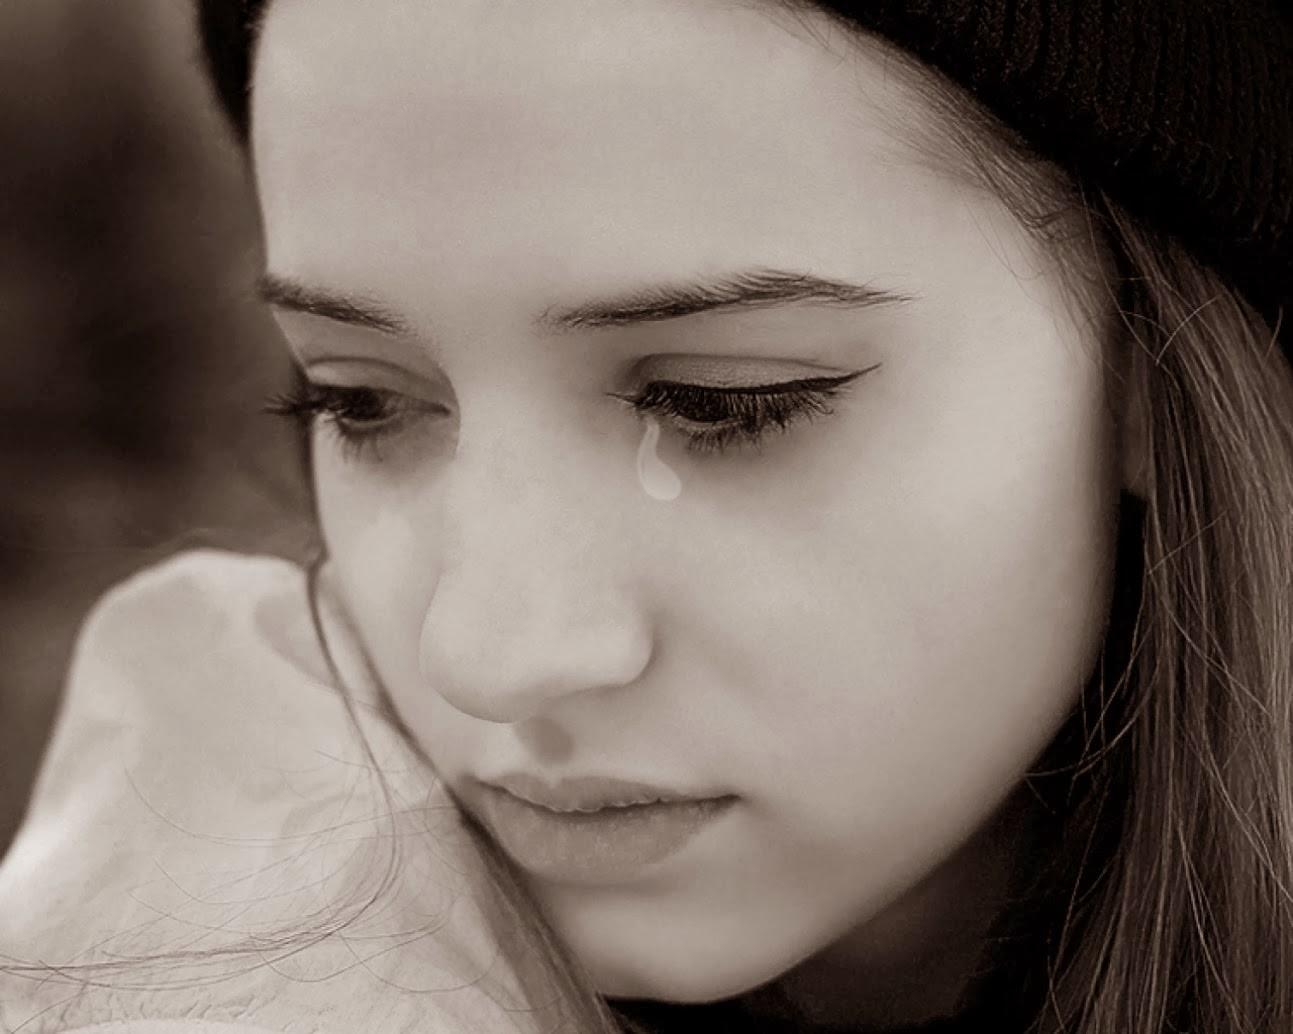 صورة صور فتاة حزينة , اروع الصور لفتاة حزينة